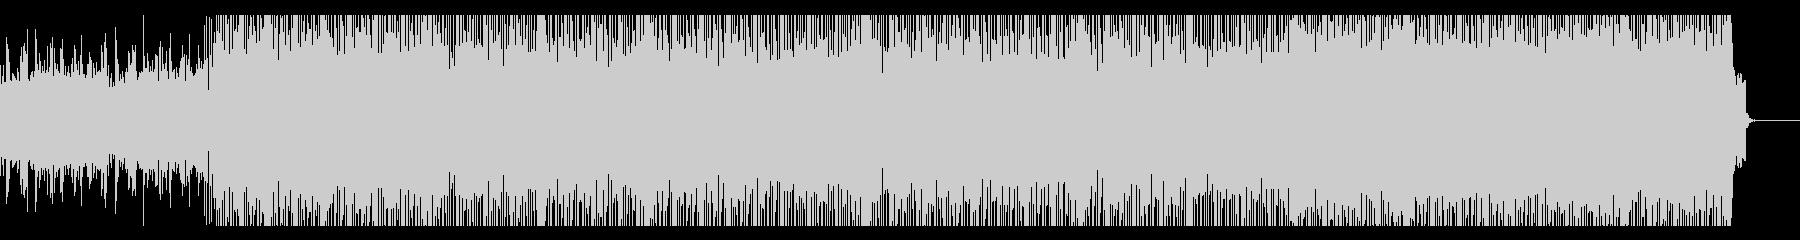 レトロ・フューチャーなインストの未再生の波形